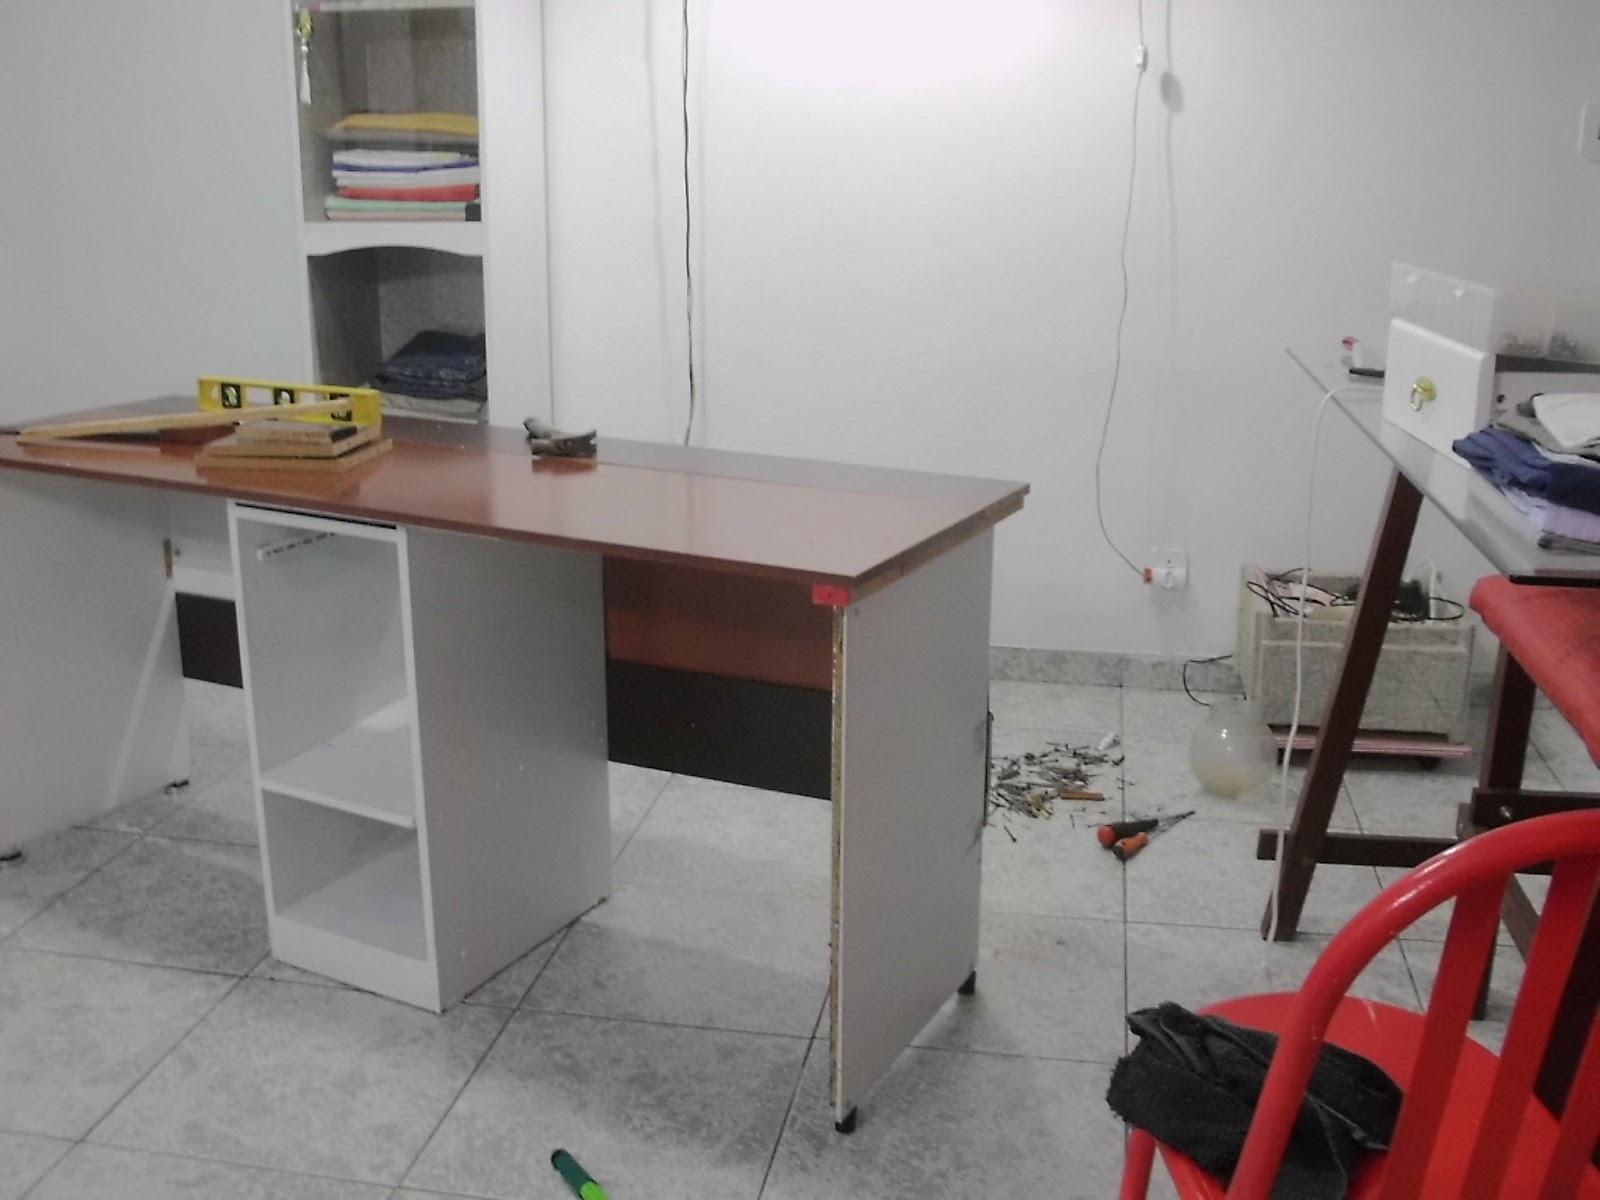 Atelier de costura debora sciotta - Mesas para costura ...